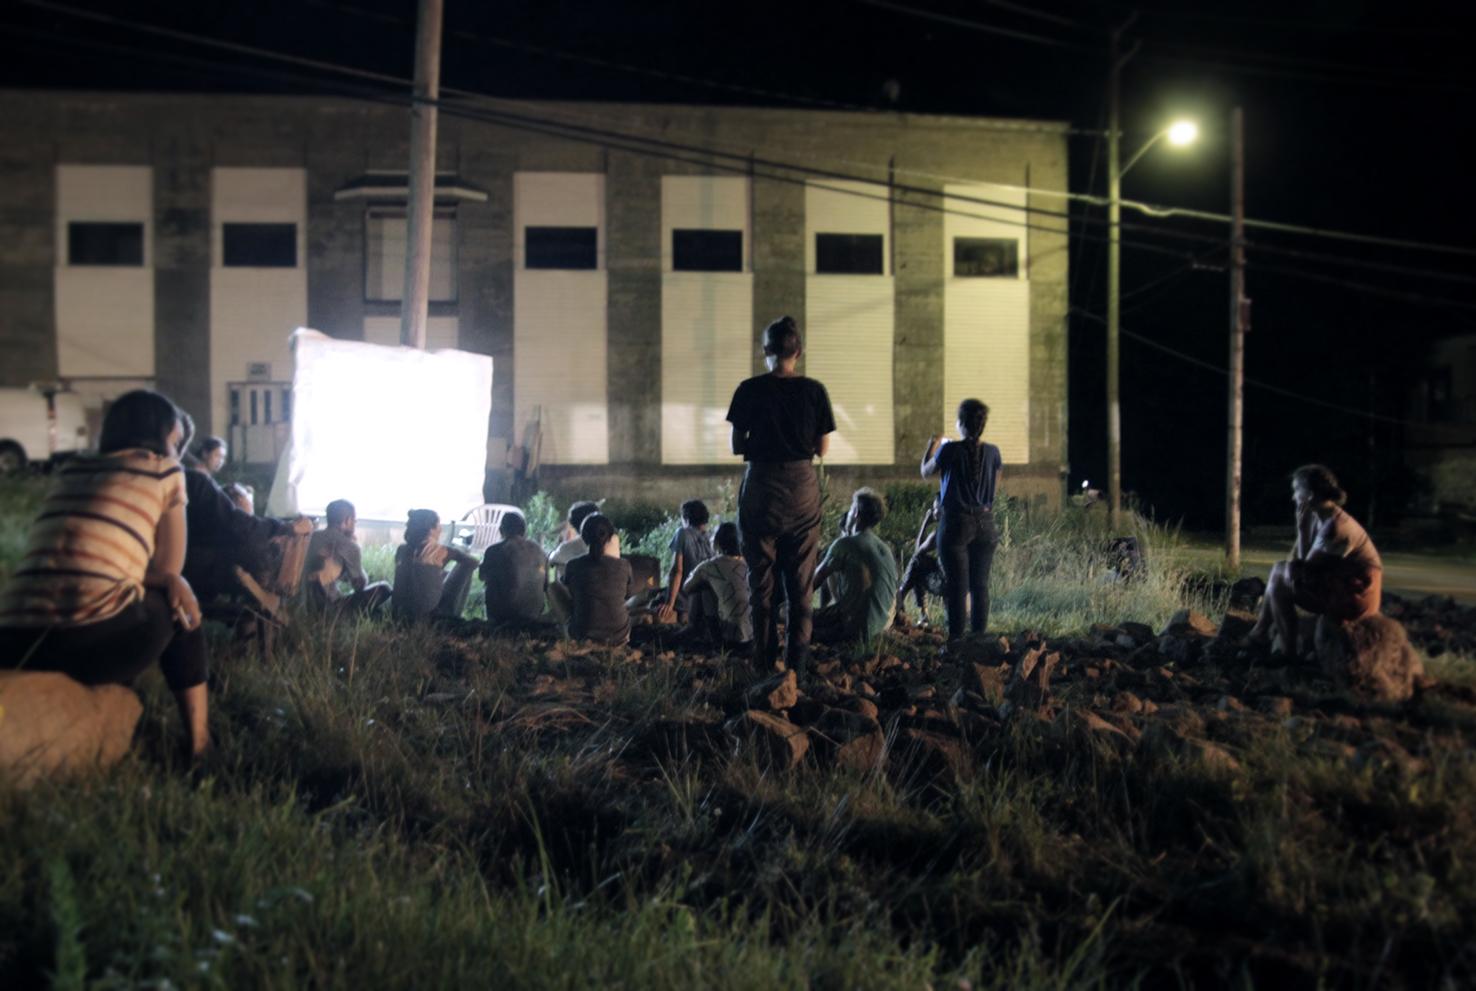 field_outside_group_people_film_screen_projection_02.jpg